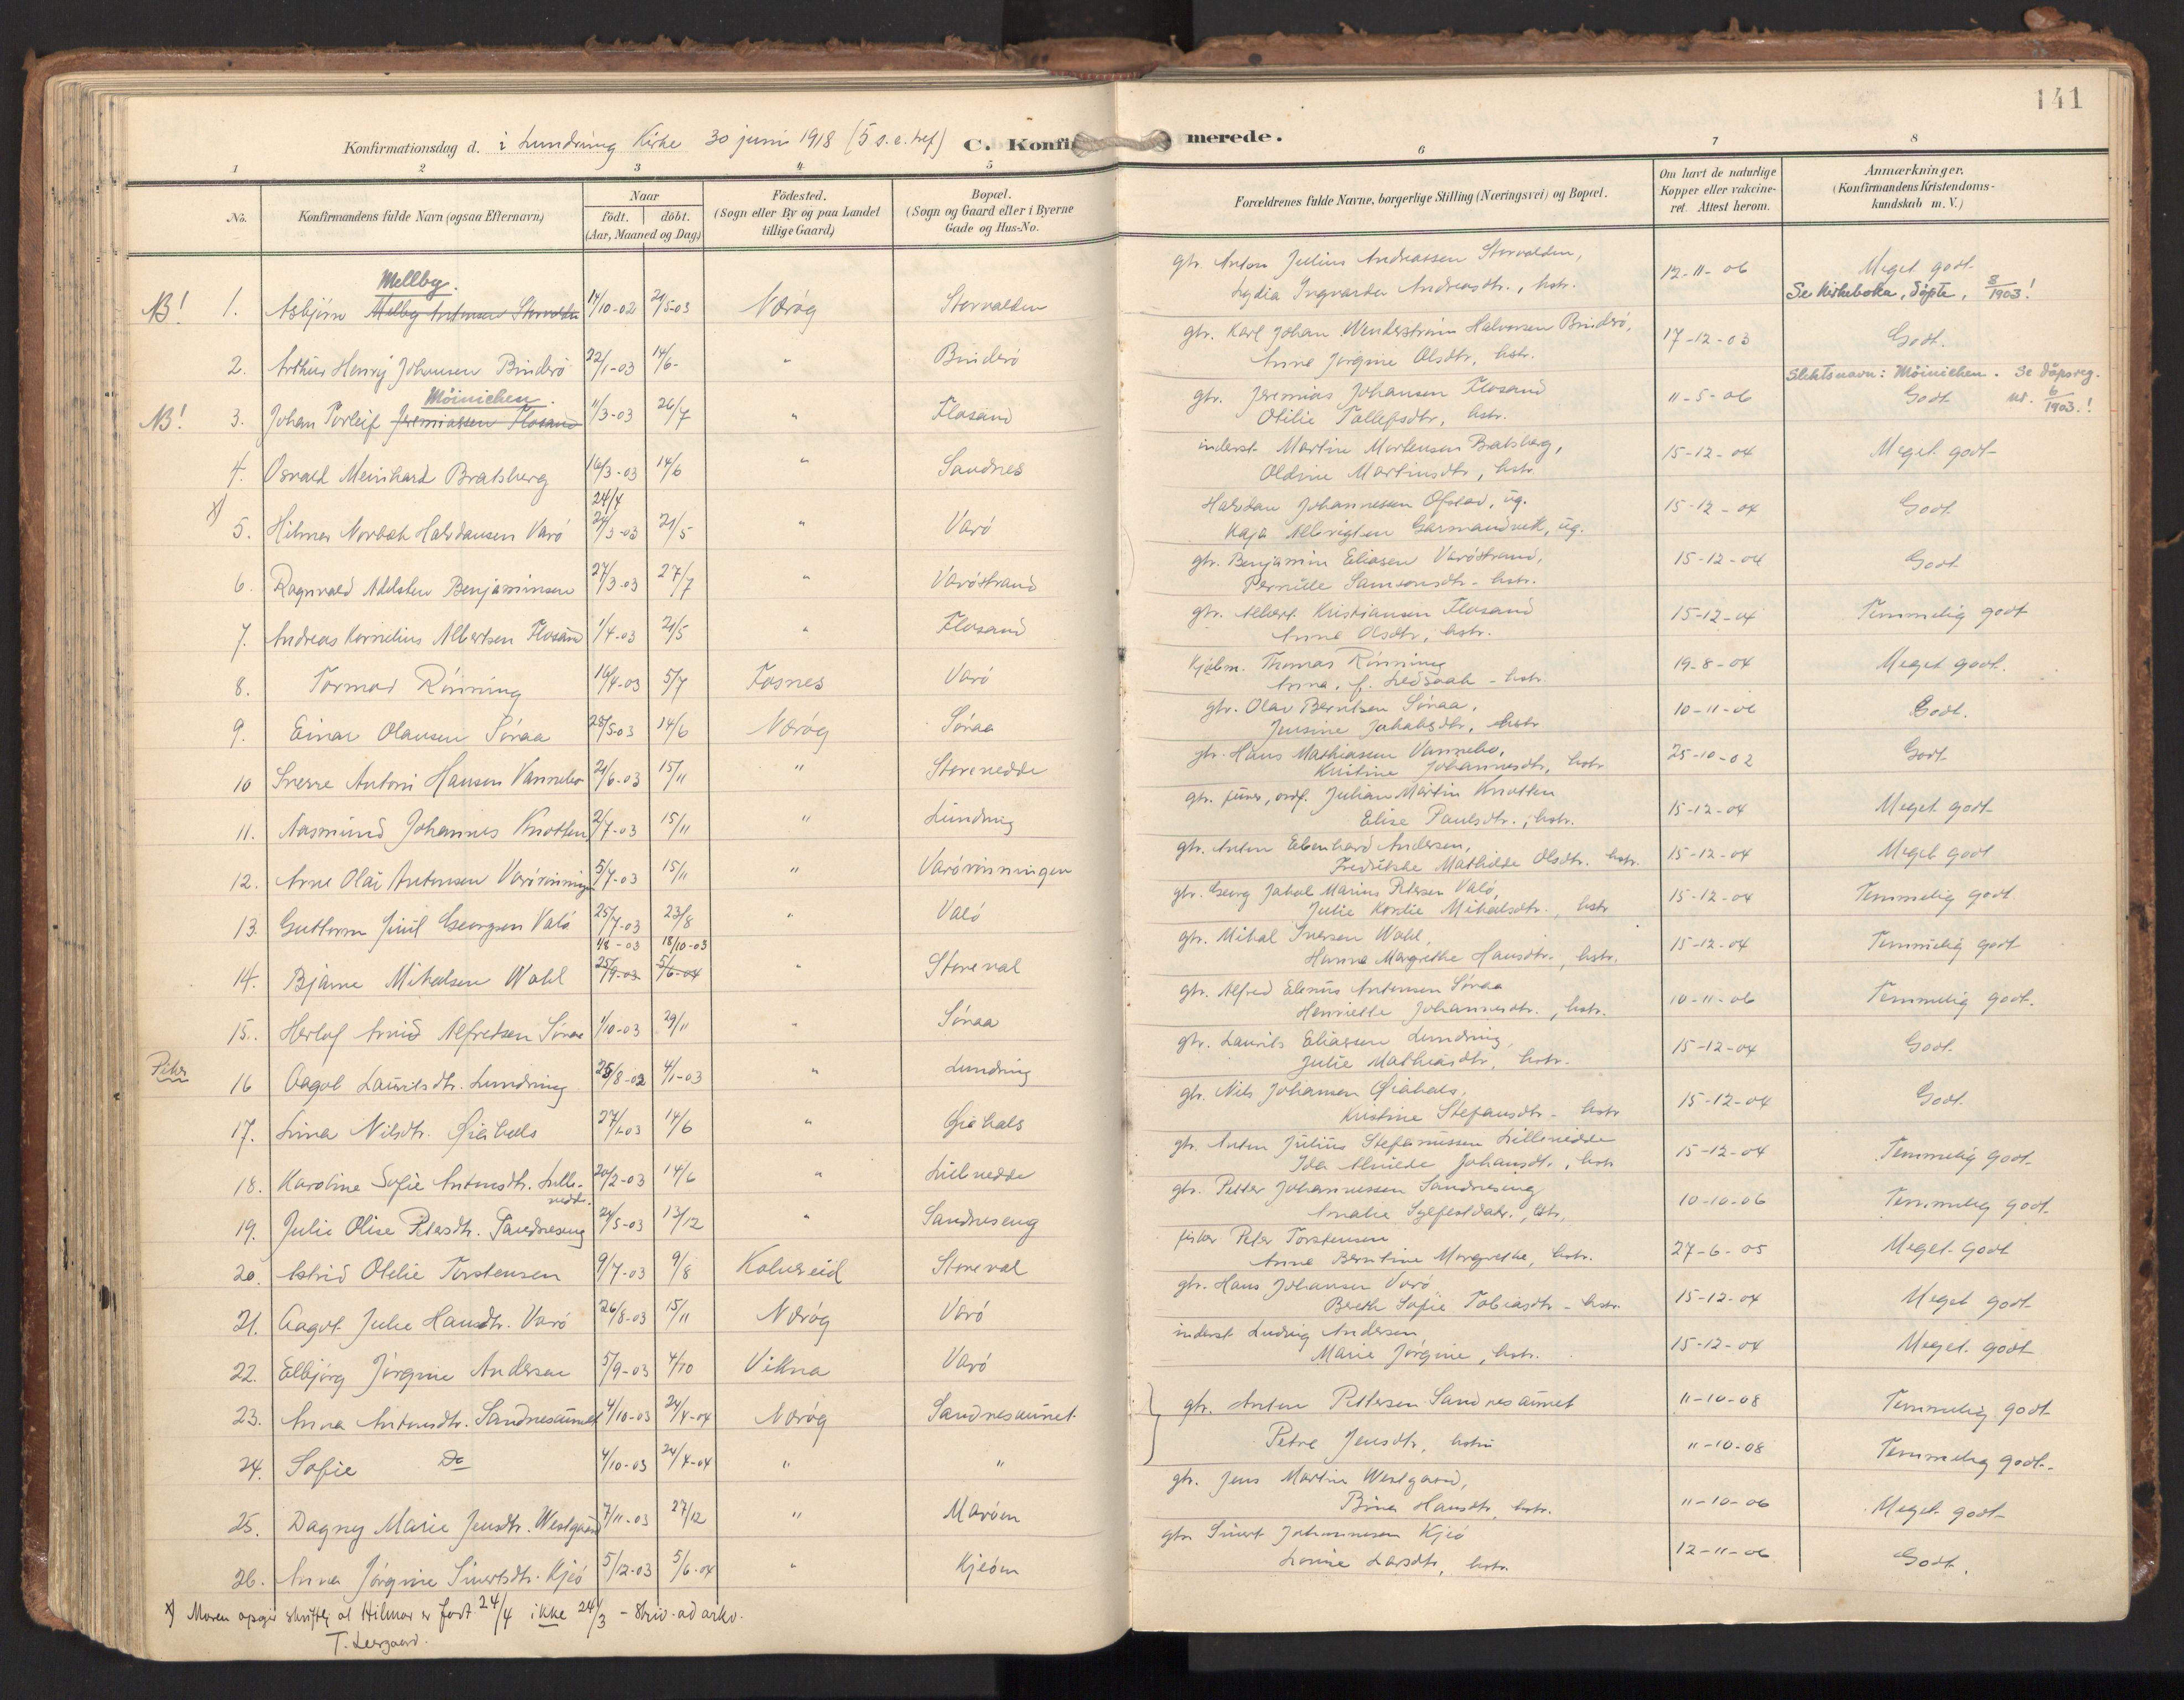 SAT, Ministerialprotokoller, klokkerbøker og fødselsregistre - Nord-Trøndelag, 784/L0677: Ministerialbok nr. 784A12, 1900-1920, s. 141